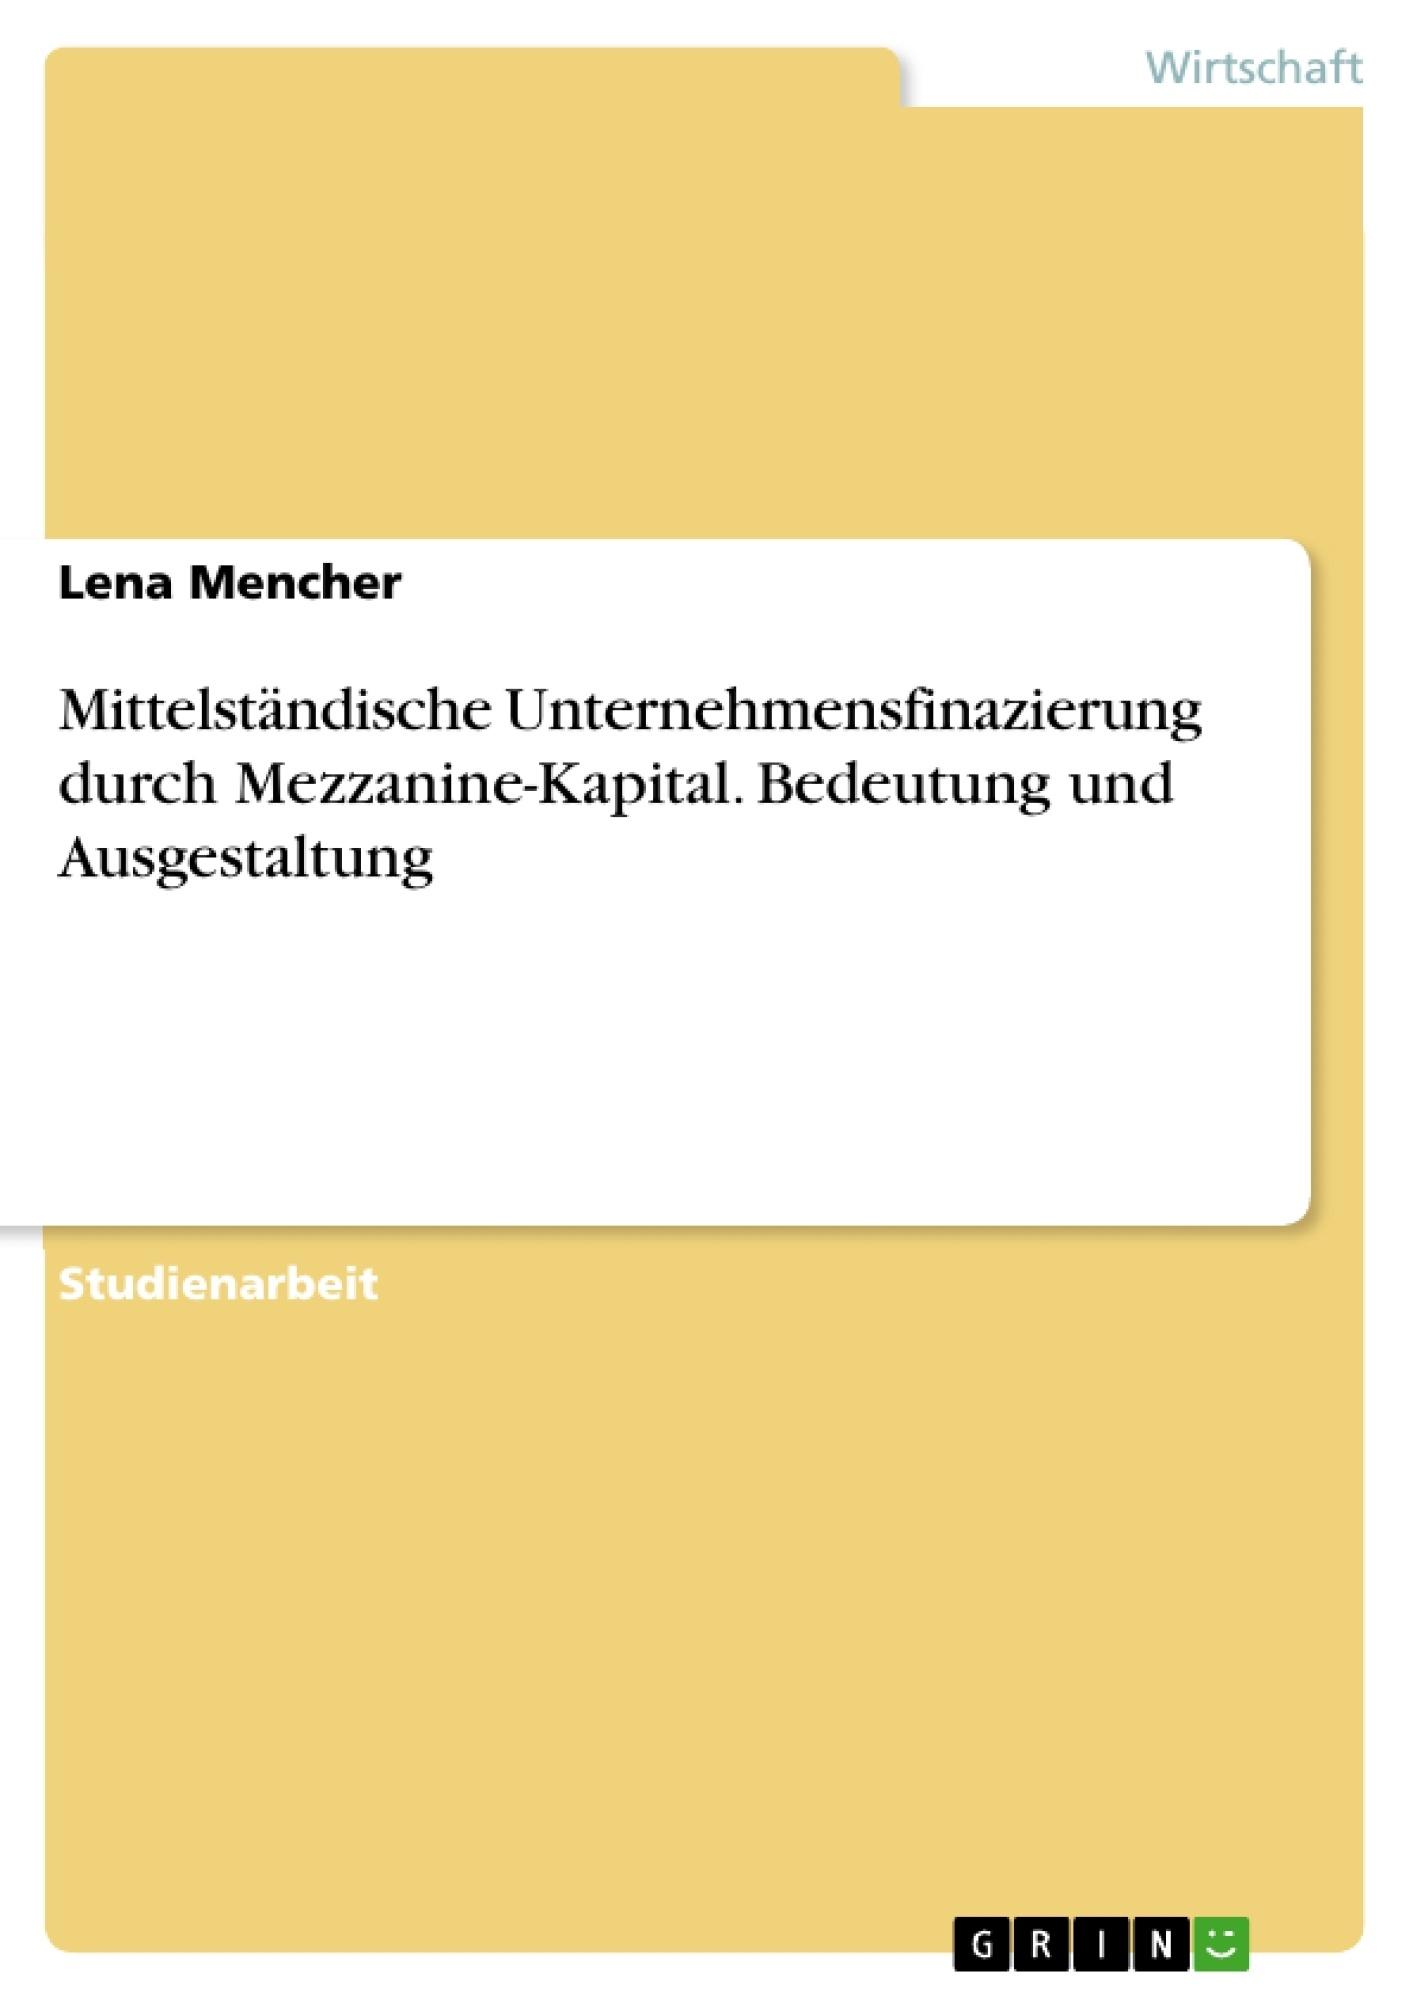 Titel: Mittelständische Unternehmensfinazierung durch Mezzanine-Kapital. Bedeutung und Ausgestaltung